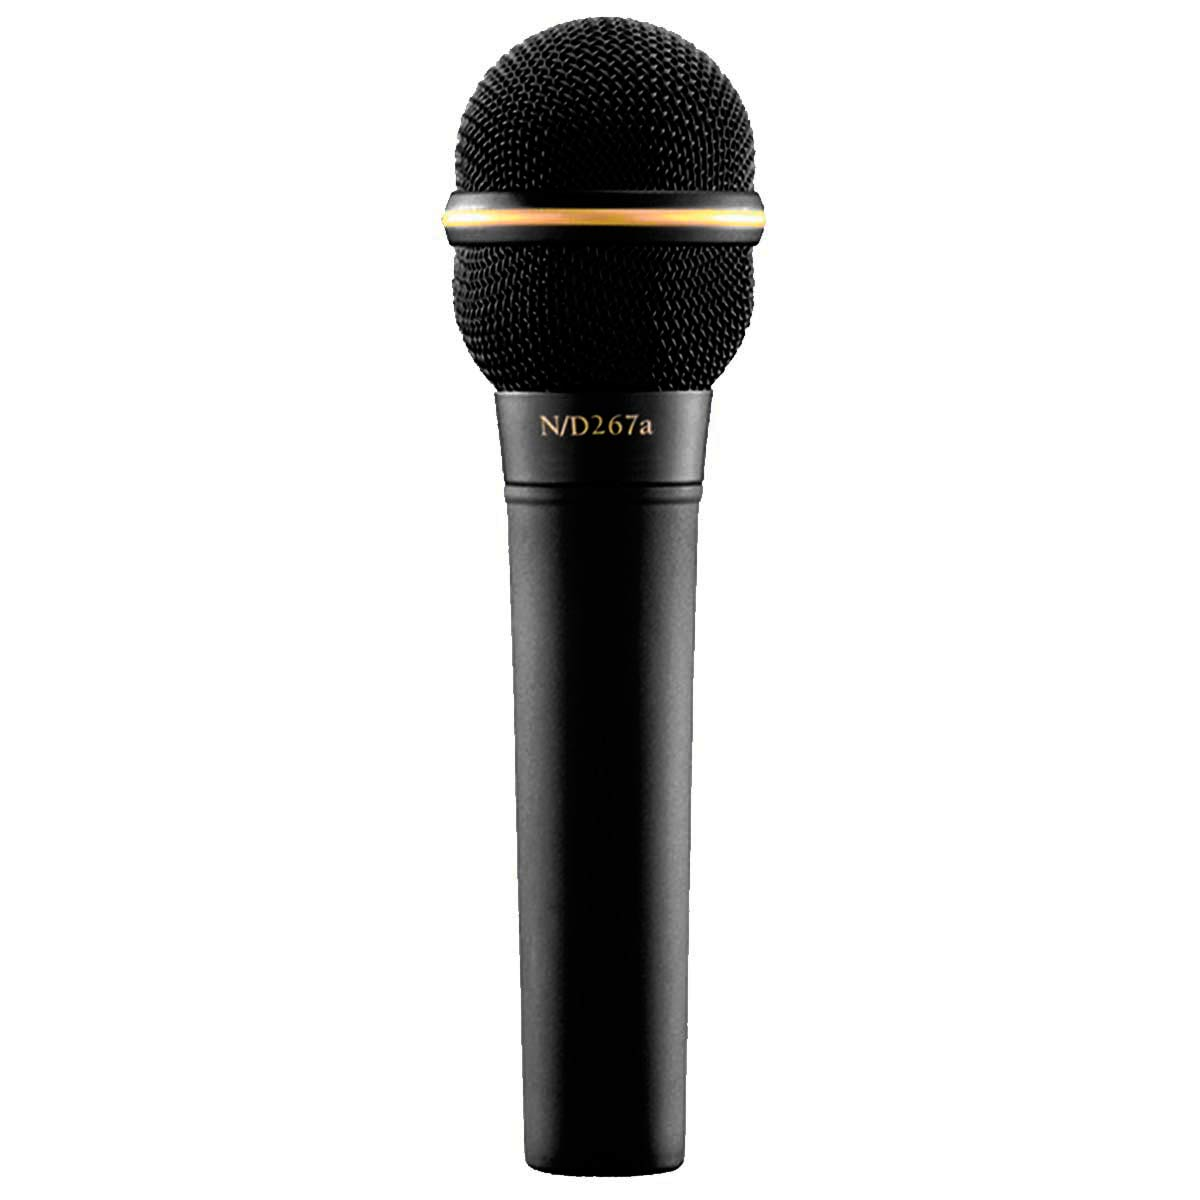 ND267a - Microfone c/ Fio de Mão ND 267 A - Electro-Voice